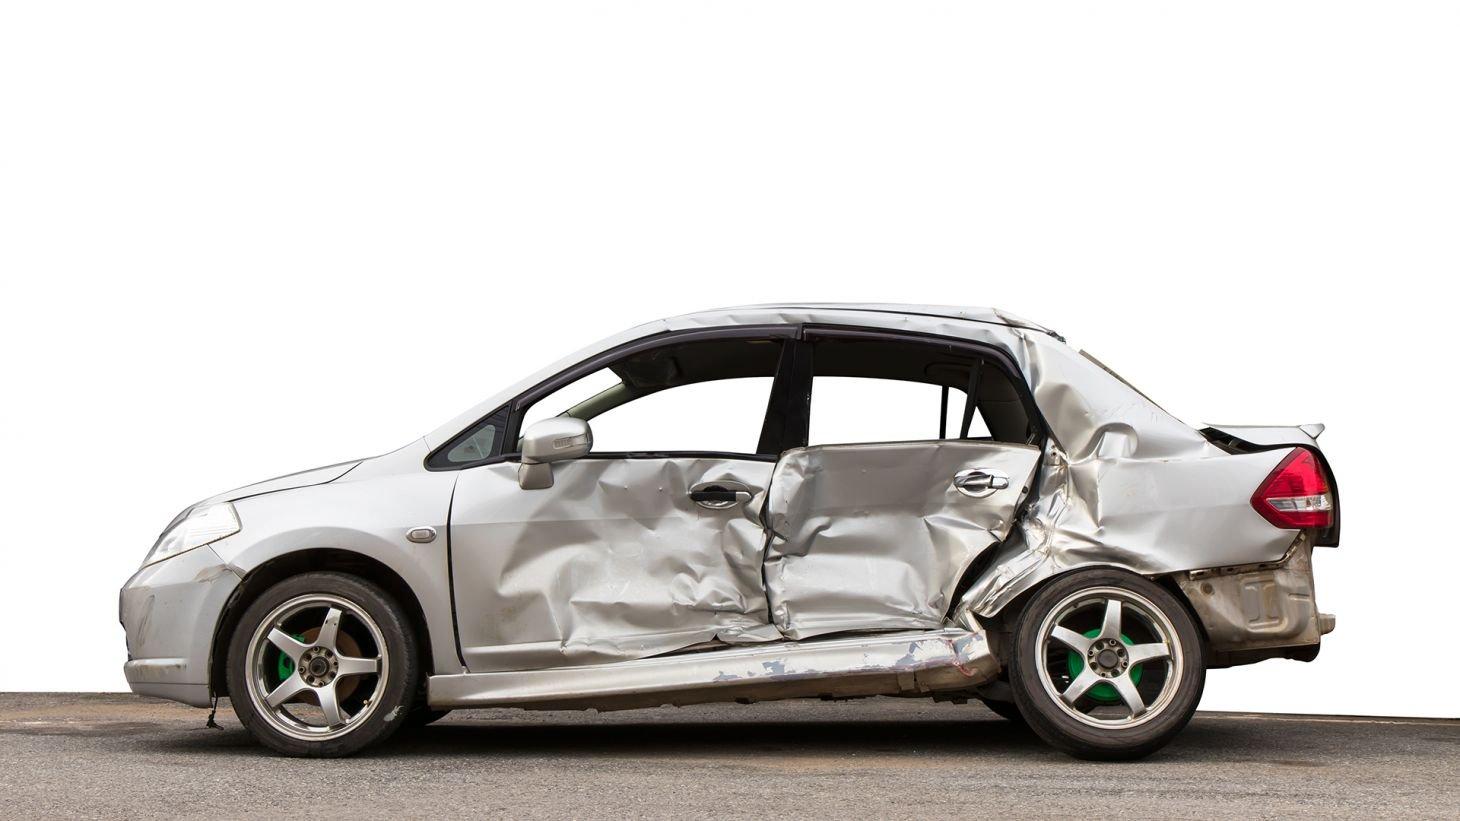 carro prateado visto de lado com marcas de colisao nas portas